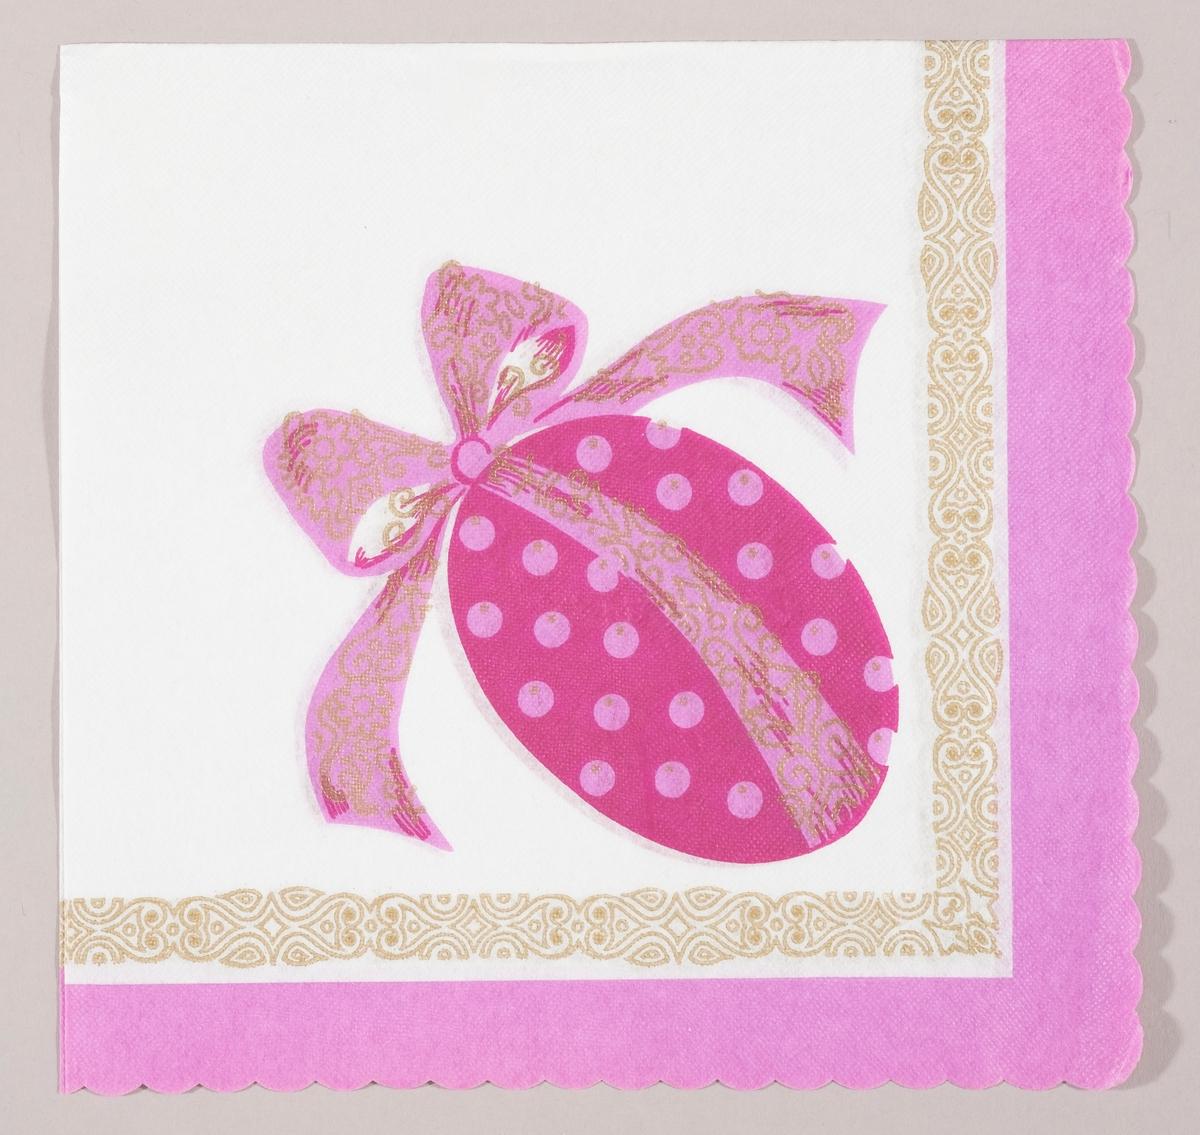 Et lilla påskeegg med rosa prikker og en stor rosa sløyfe med gullmønster. En mønstret bord i gull og lilla kant.